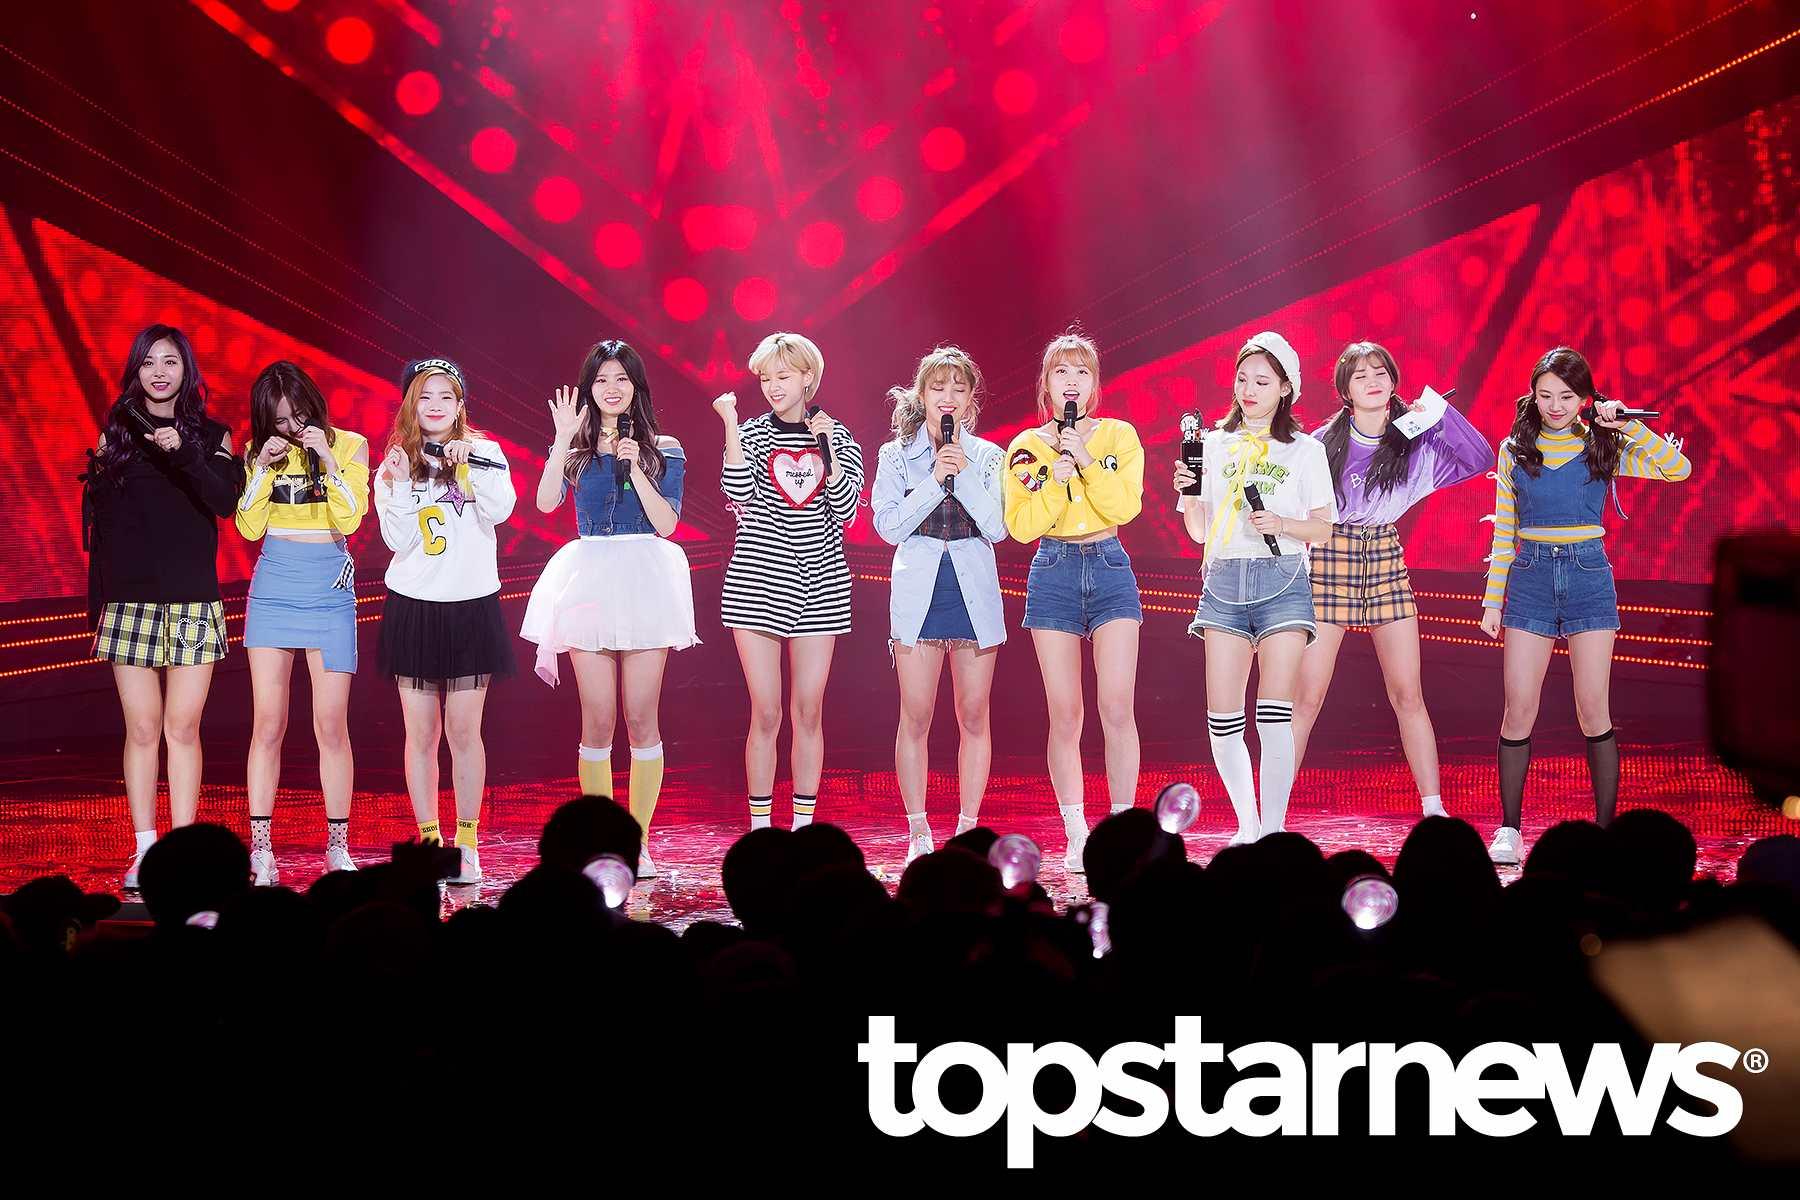 而一直被謠傳將會加入TWICE的成員不是別人,正是JYP家現正以 I.O.I成員活動的Somi。而這項傳言因為Somi日前被留在安可舞台上和TWICE成員一同演出,更被認為可能成真